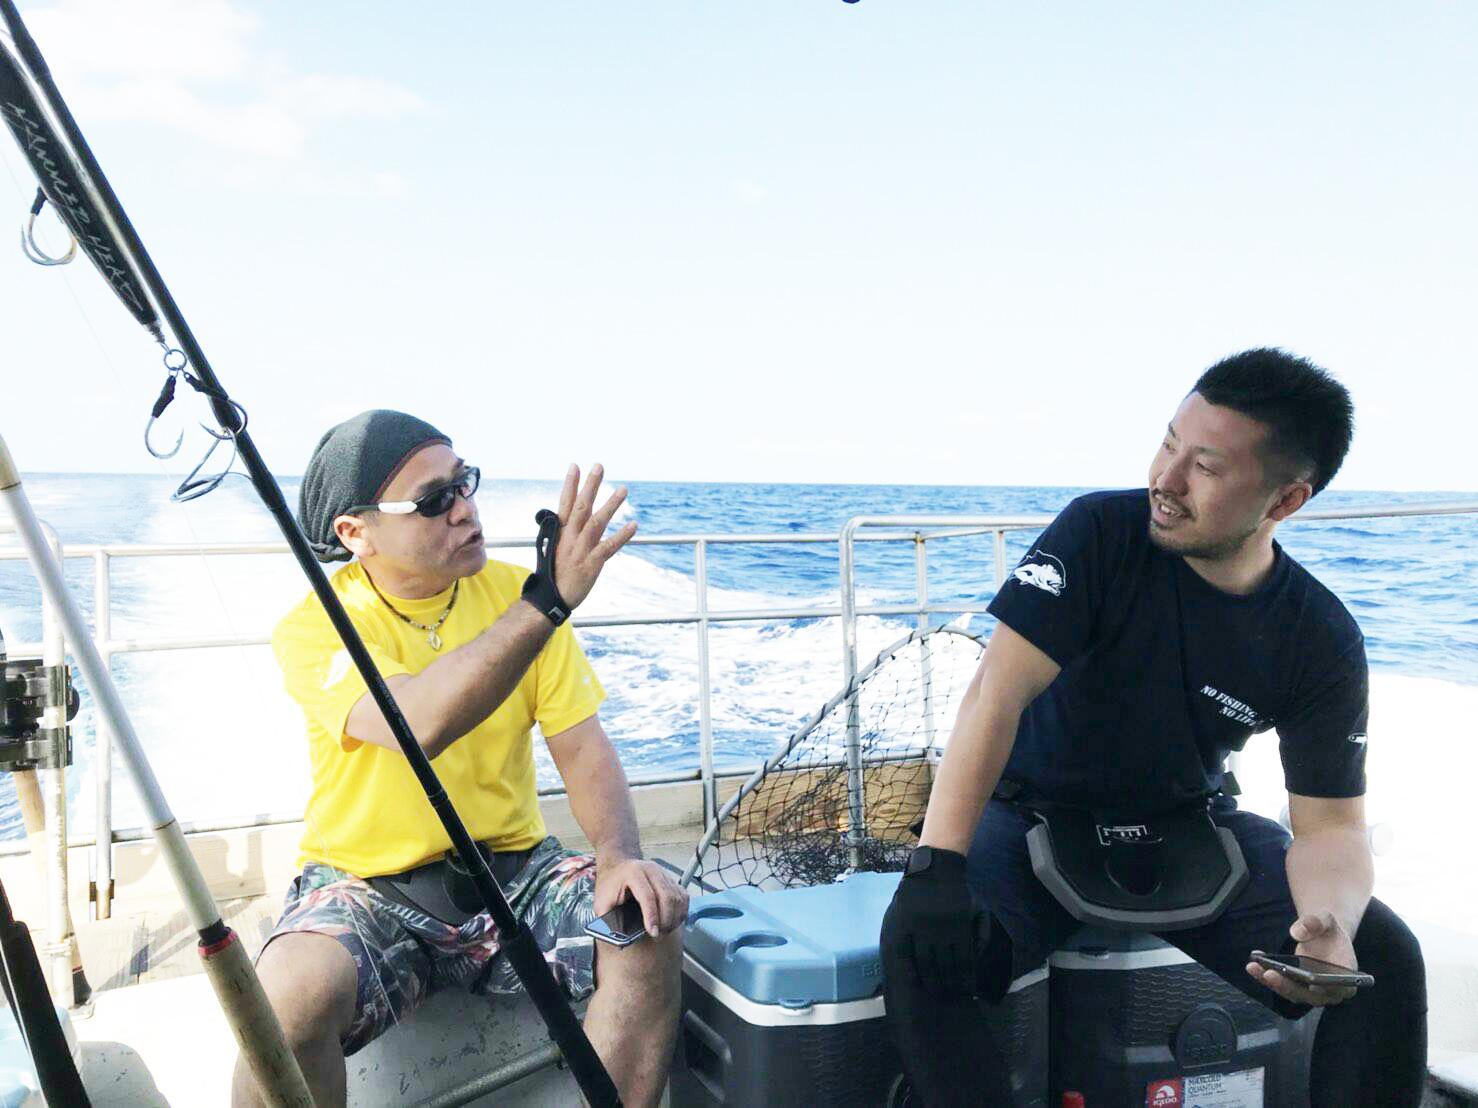 大先輩からたくさんのアドバイスをもらった!石川県珠洲市釣り船シーク号船長ダイスケが沖縄でロウニンアジに挑む!